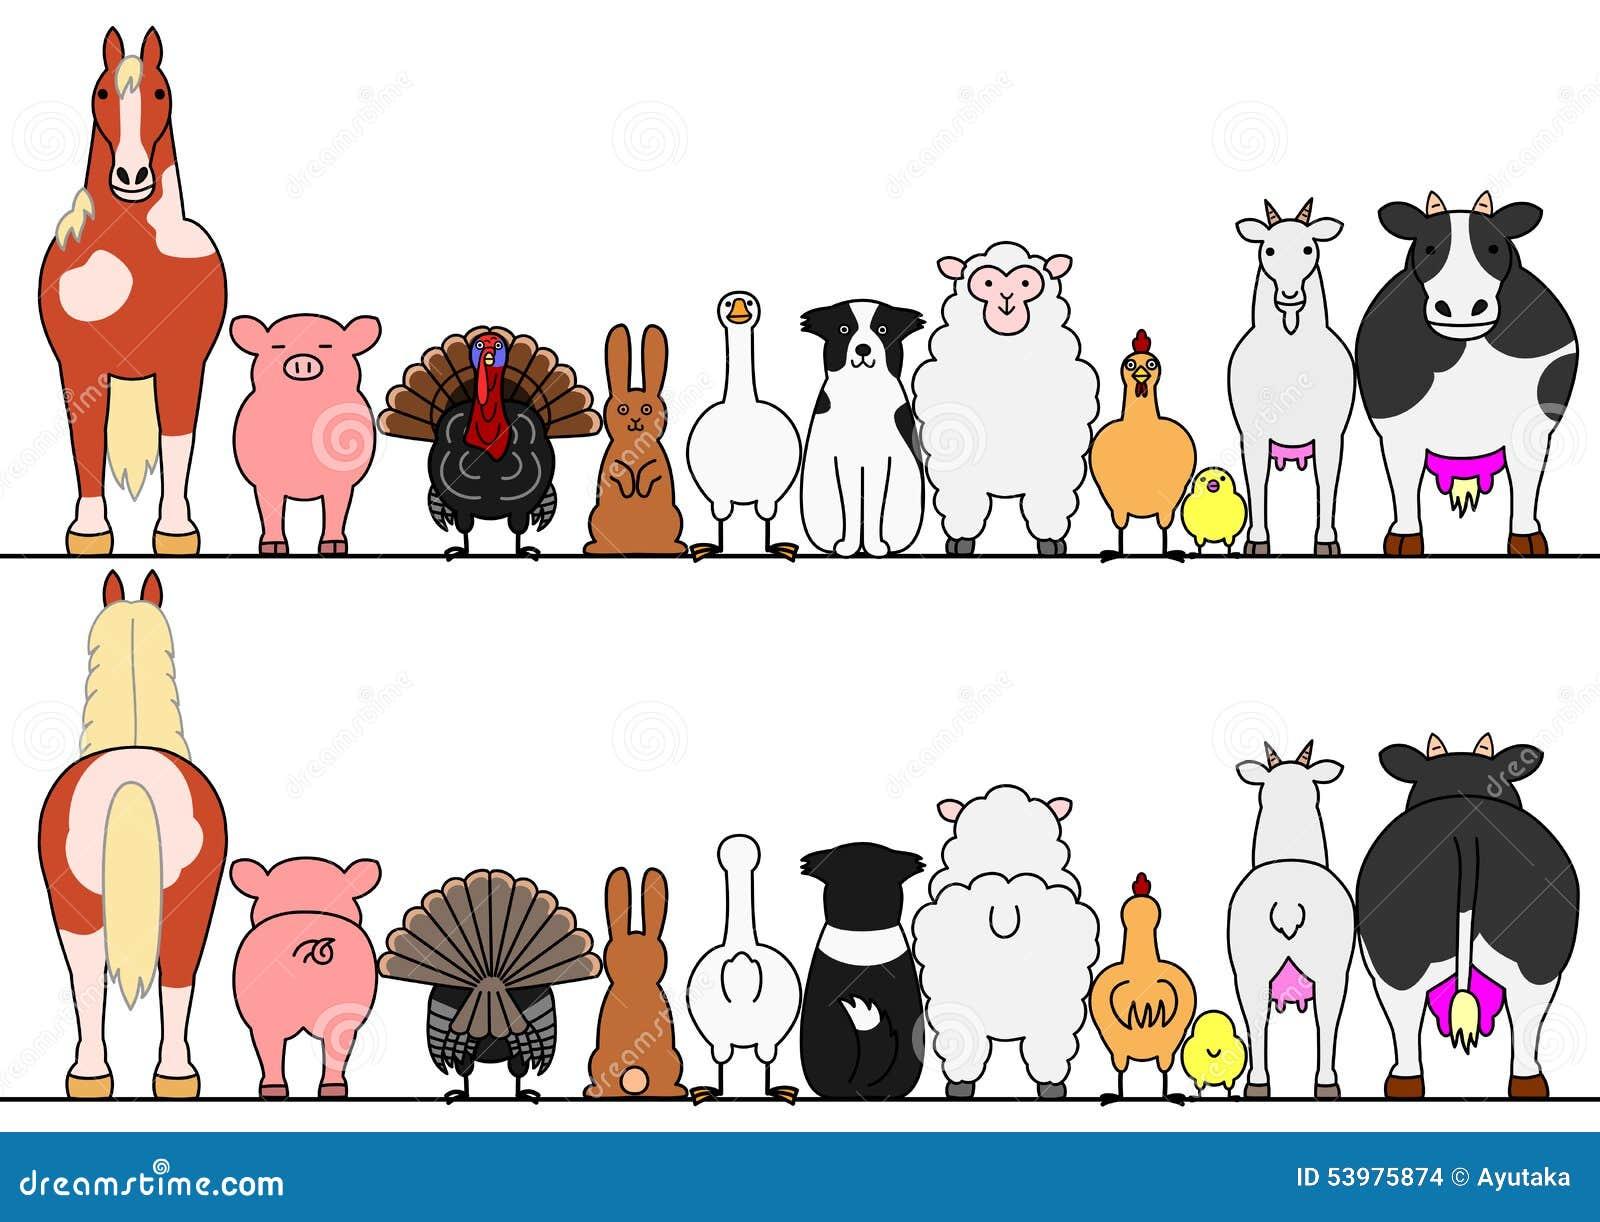 Animali da allevamento in una fila, in una parte anteriore ed in una parte posteriore